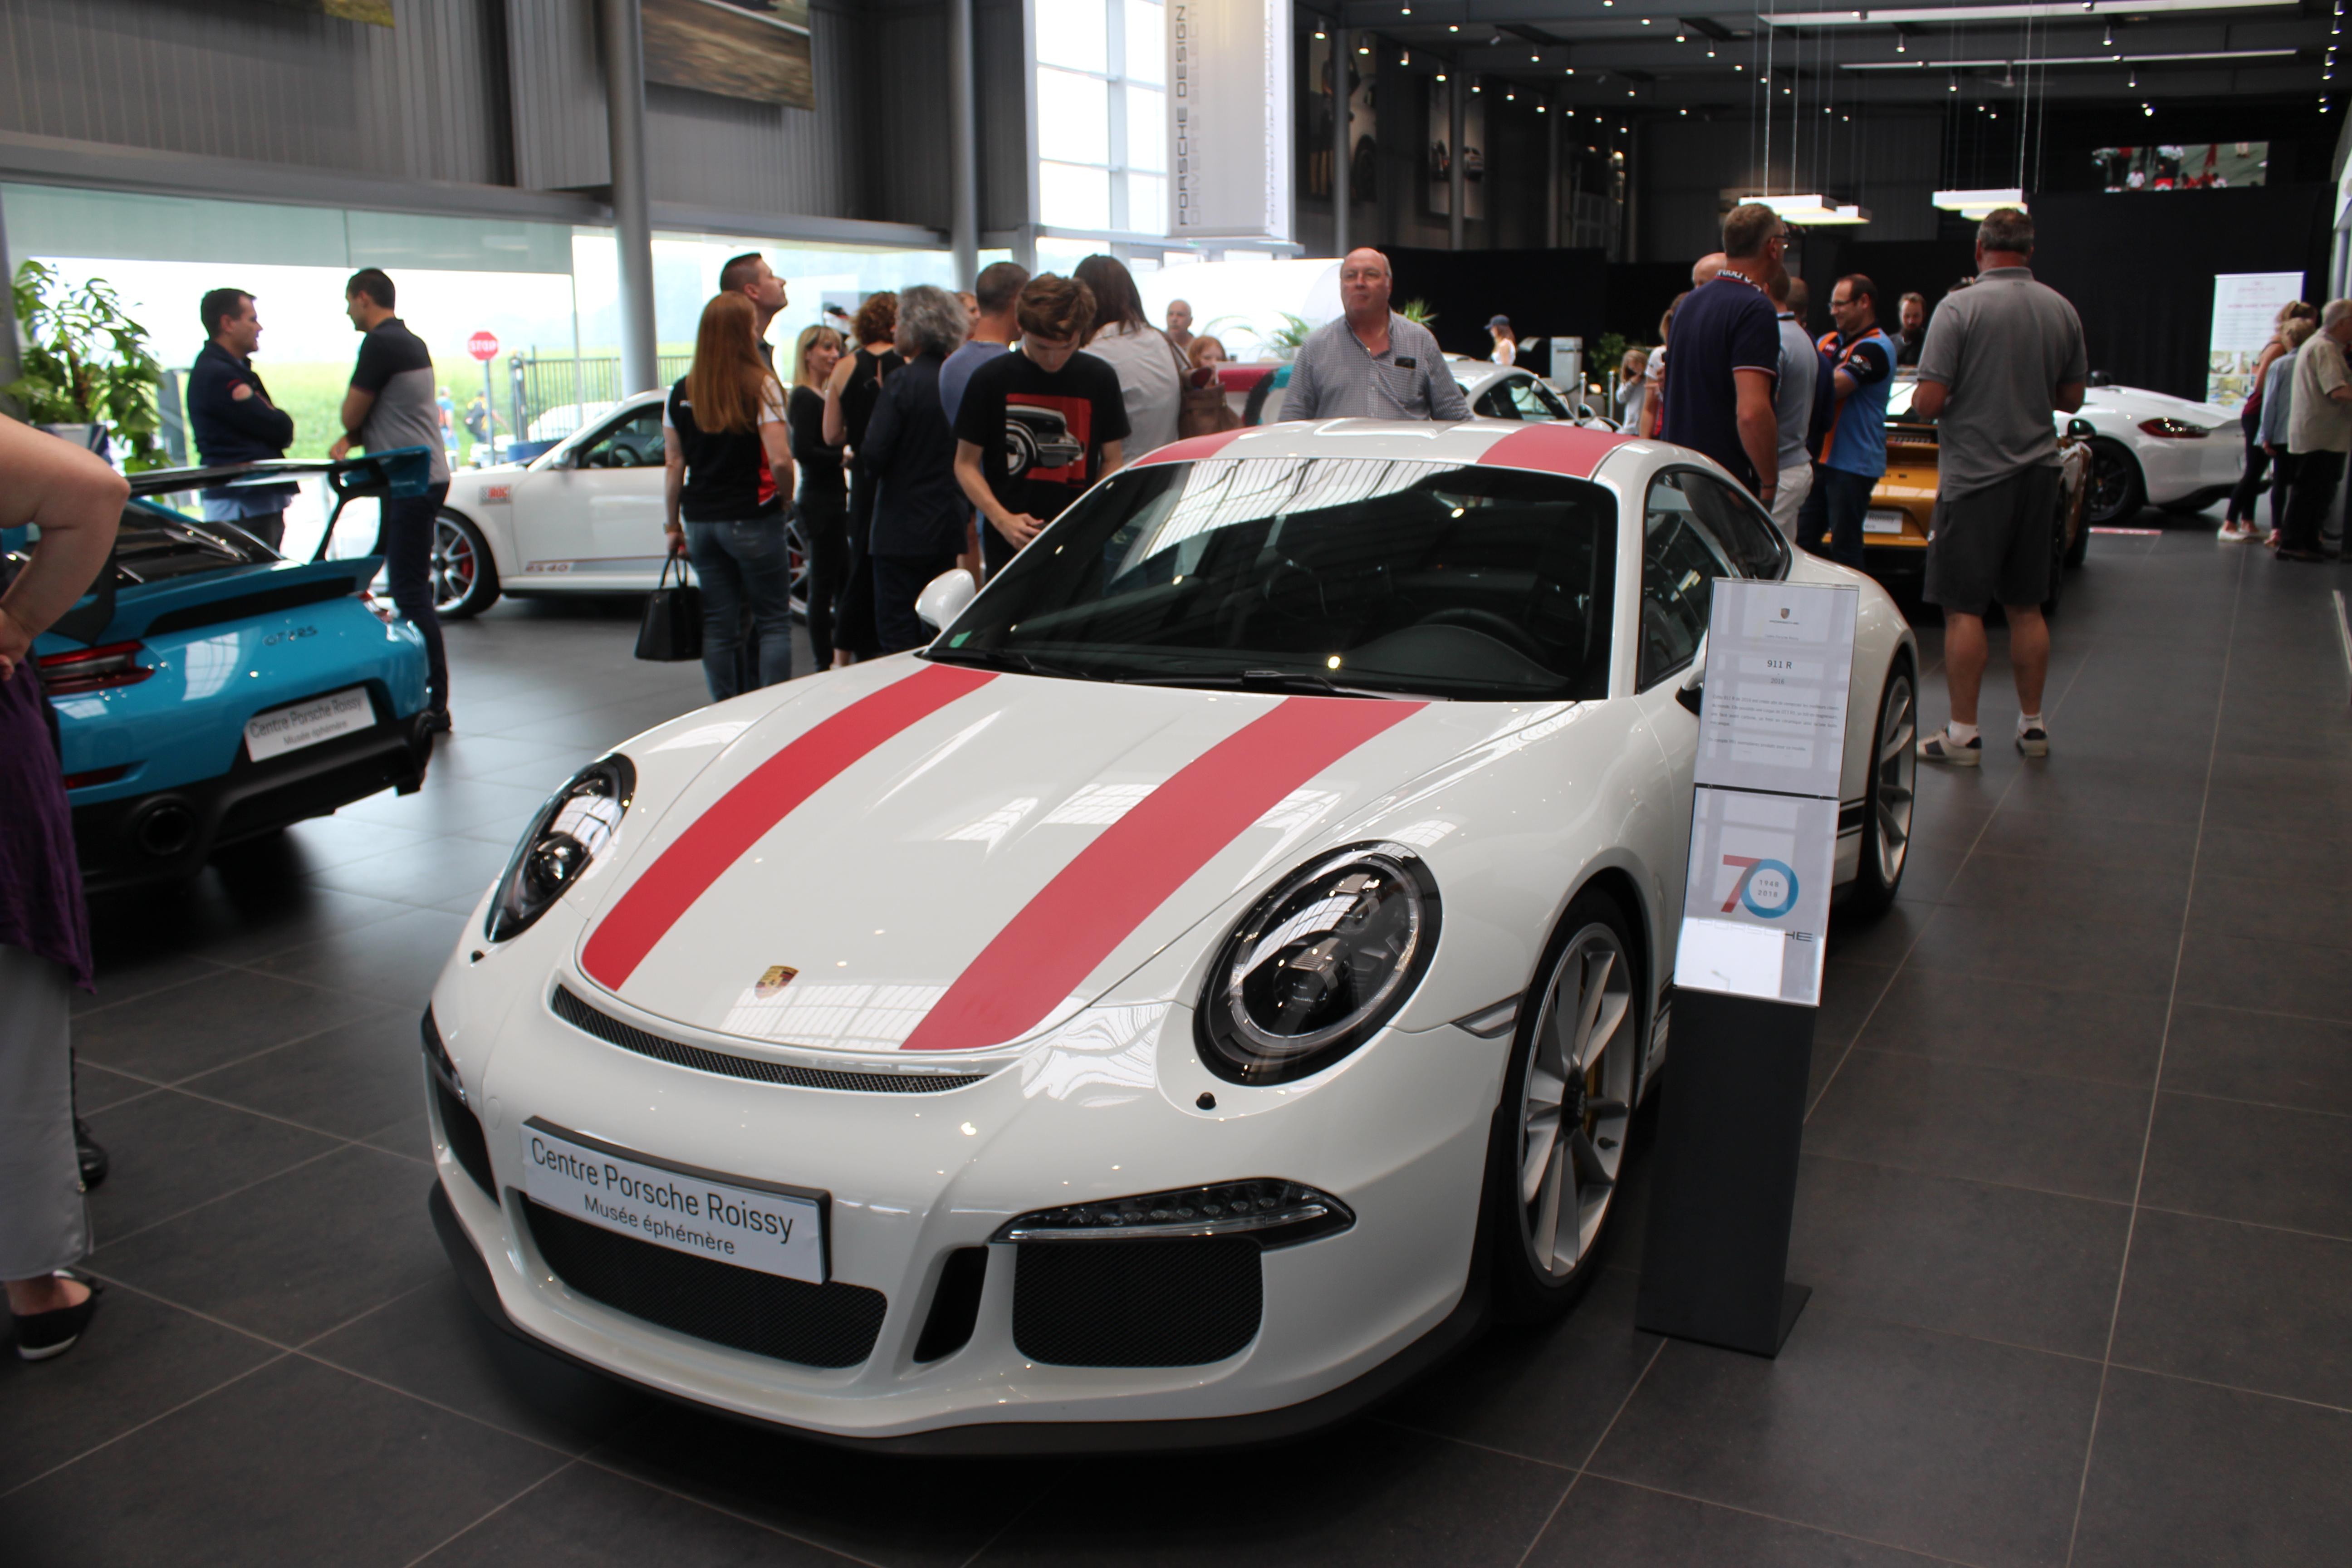 70 Ans Centre Porsche ROISSY Sonauto Img_6715